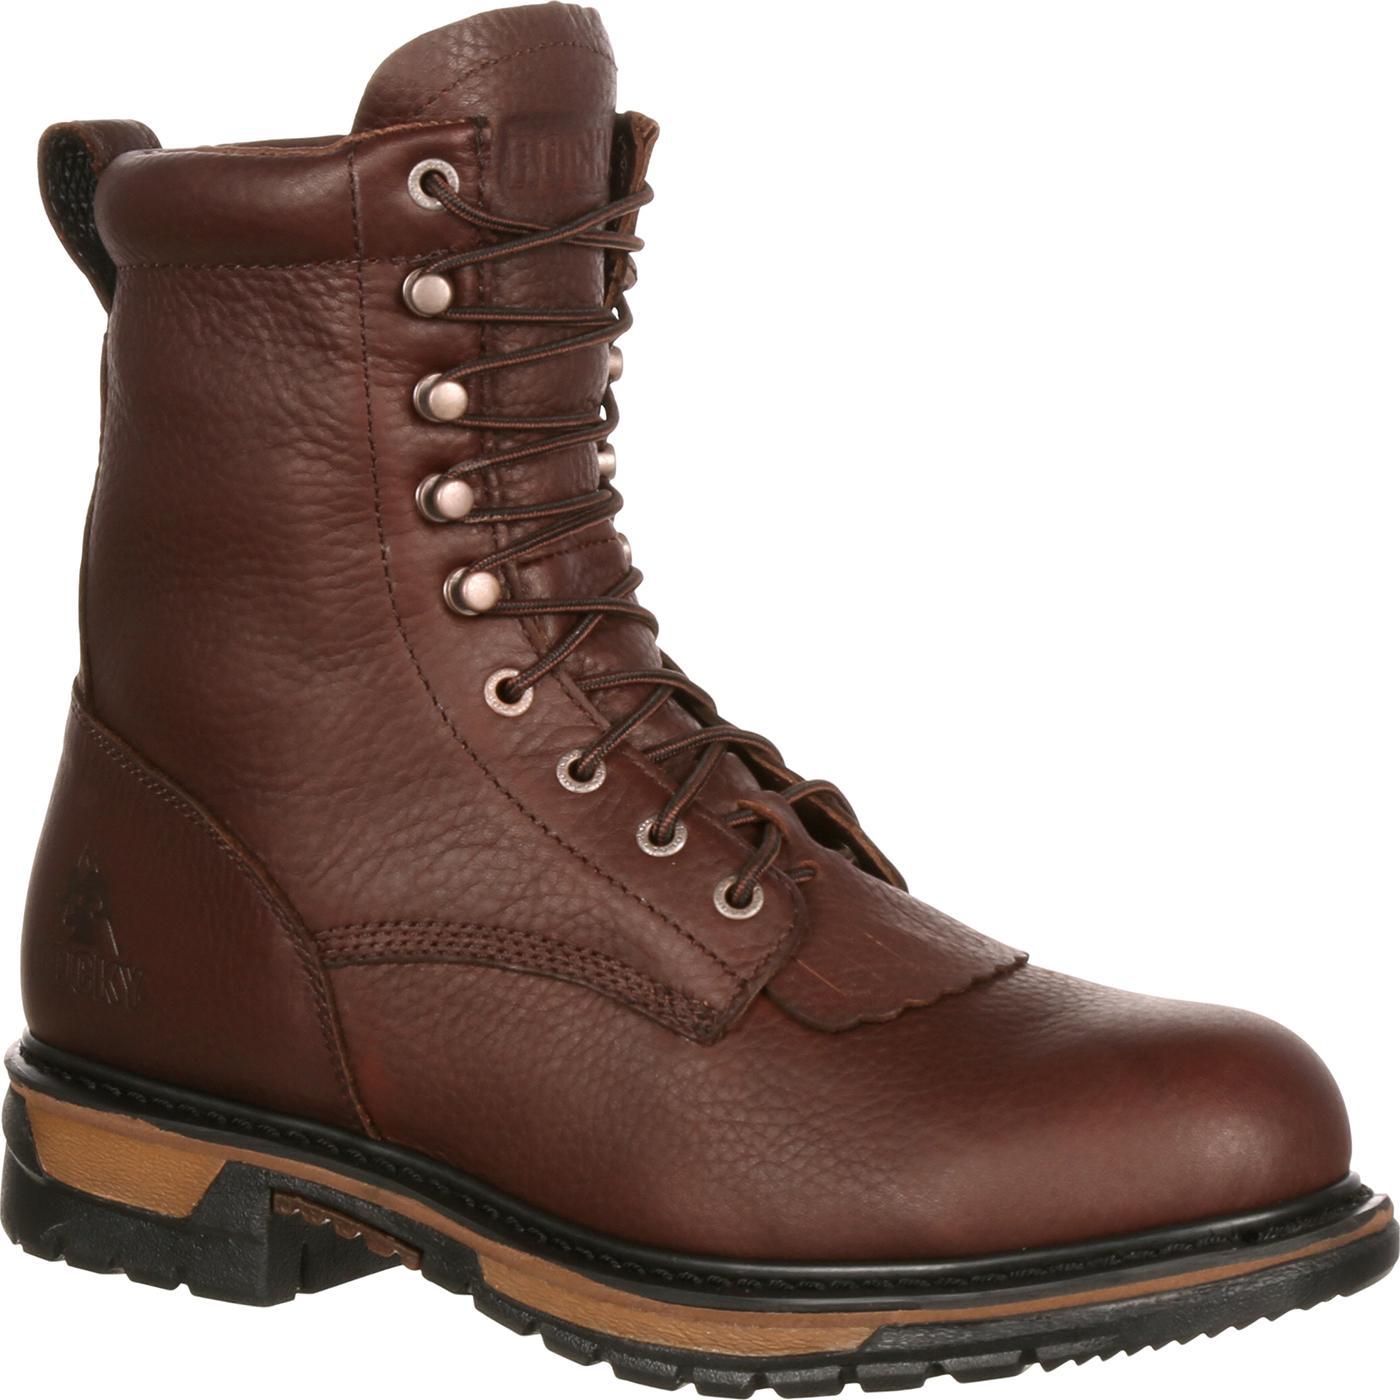 23304885dfd Rocky Original Ride Steel Toe Waterproof Lacer Western Boot